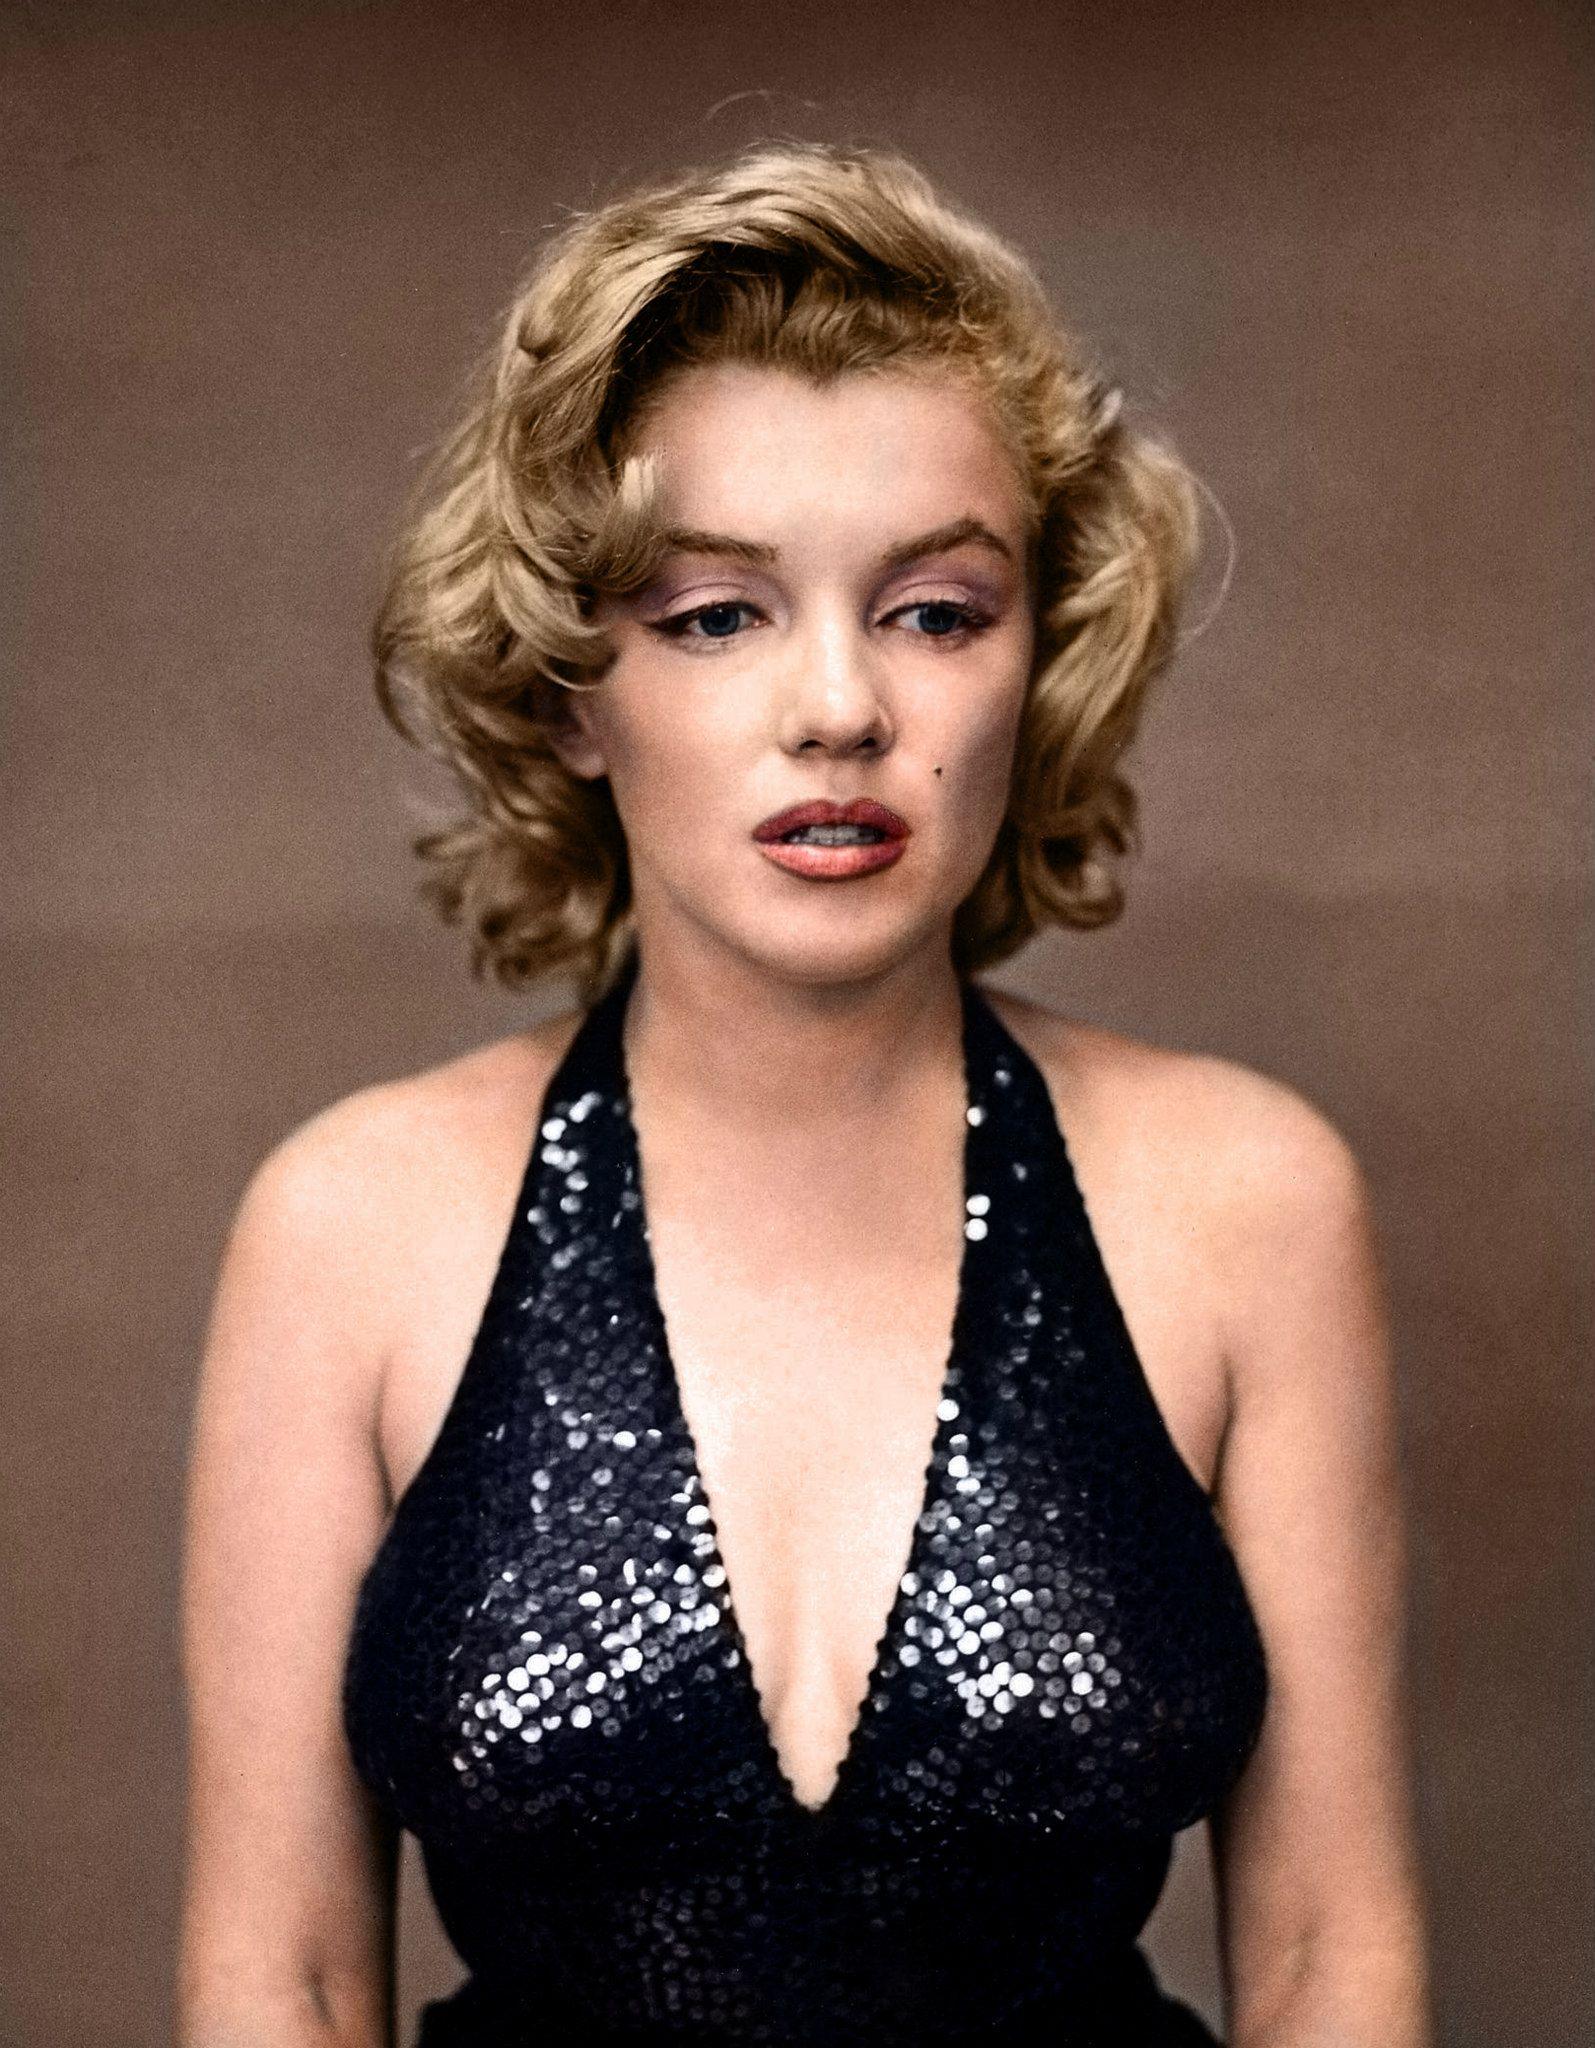 Мэрилин Монро, сфотографированная в1957 году после долгой вечеринки.